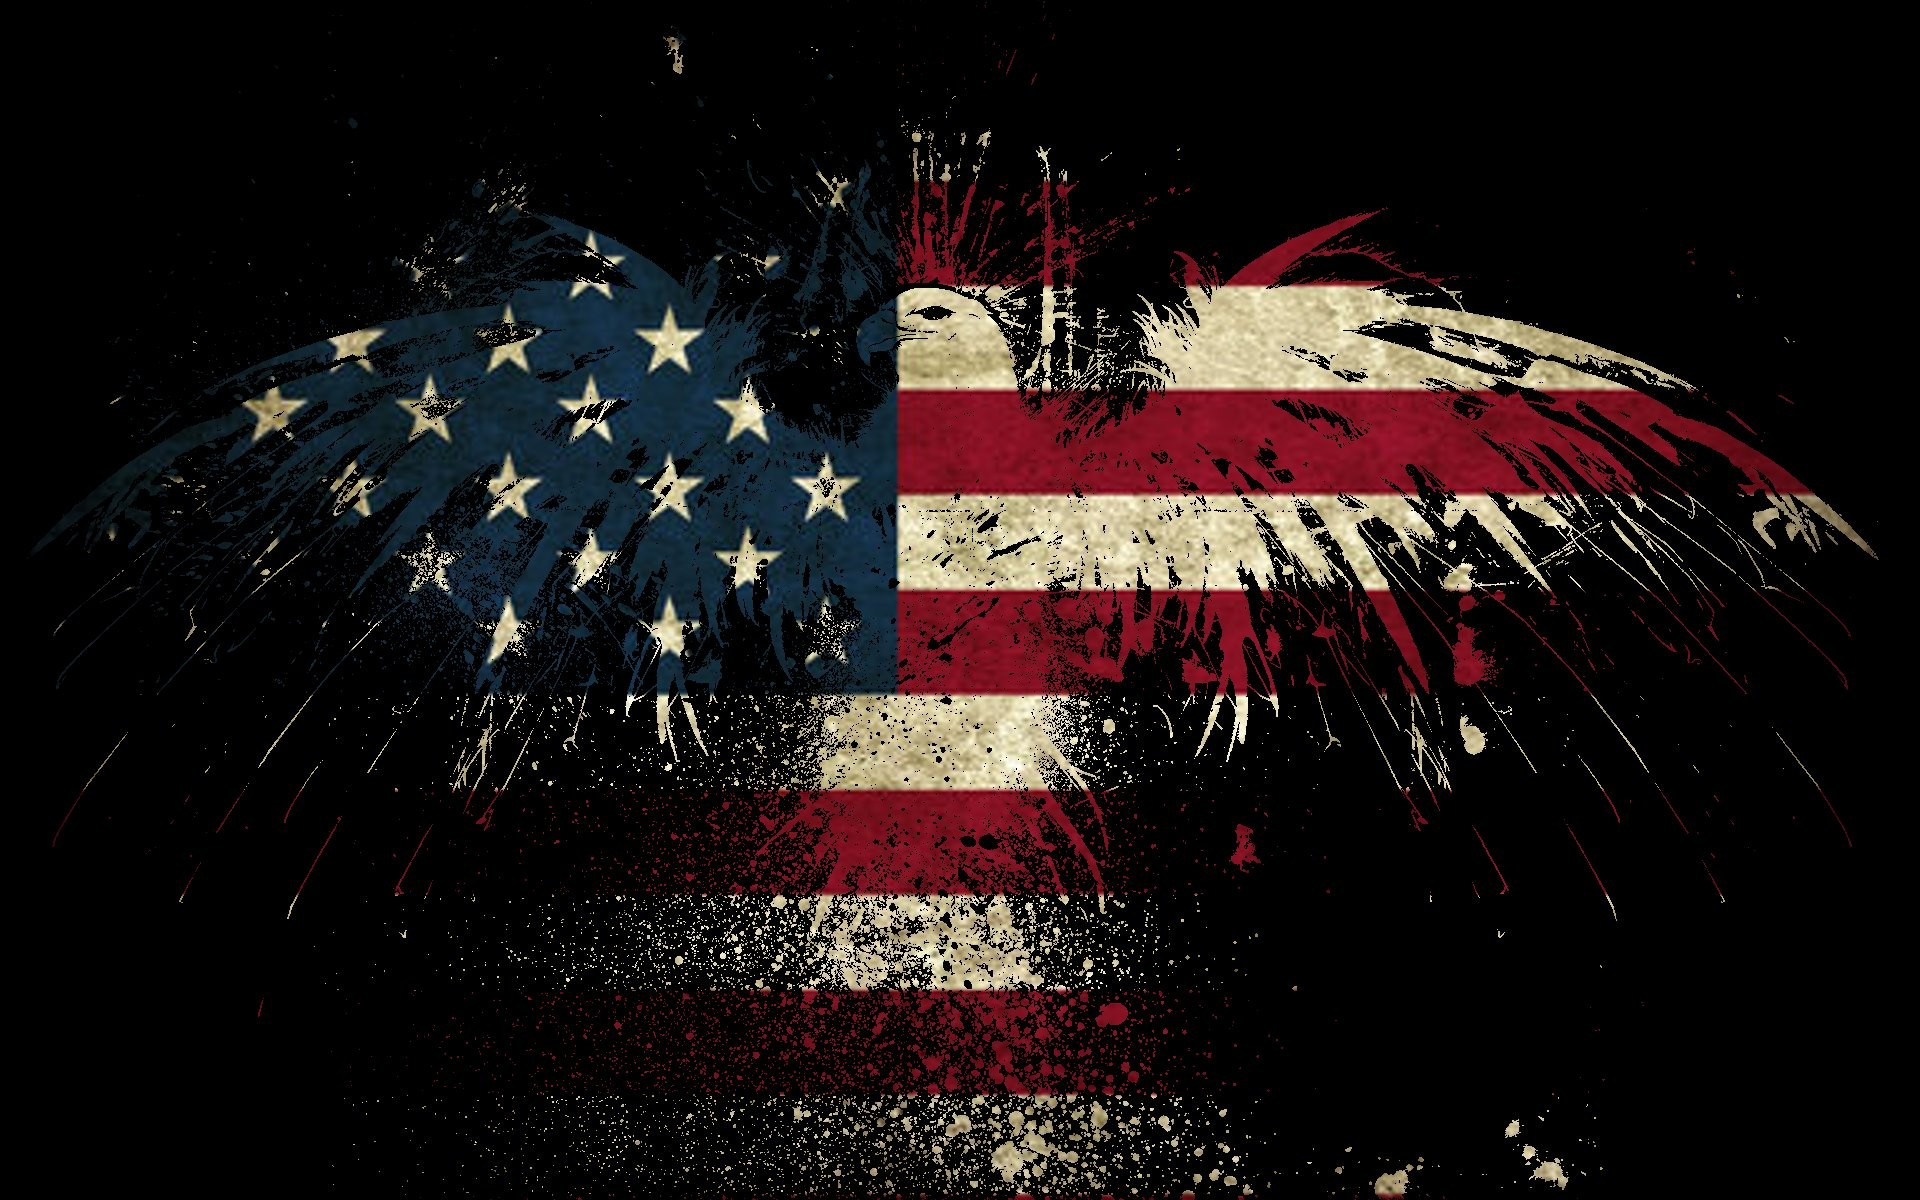 patriotic wallpaper backgrounds – weddingdressin.com